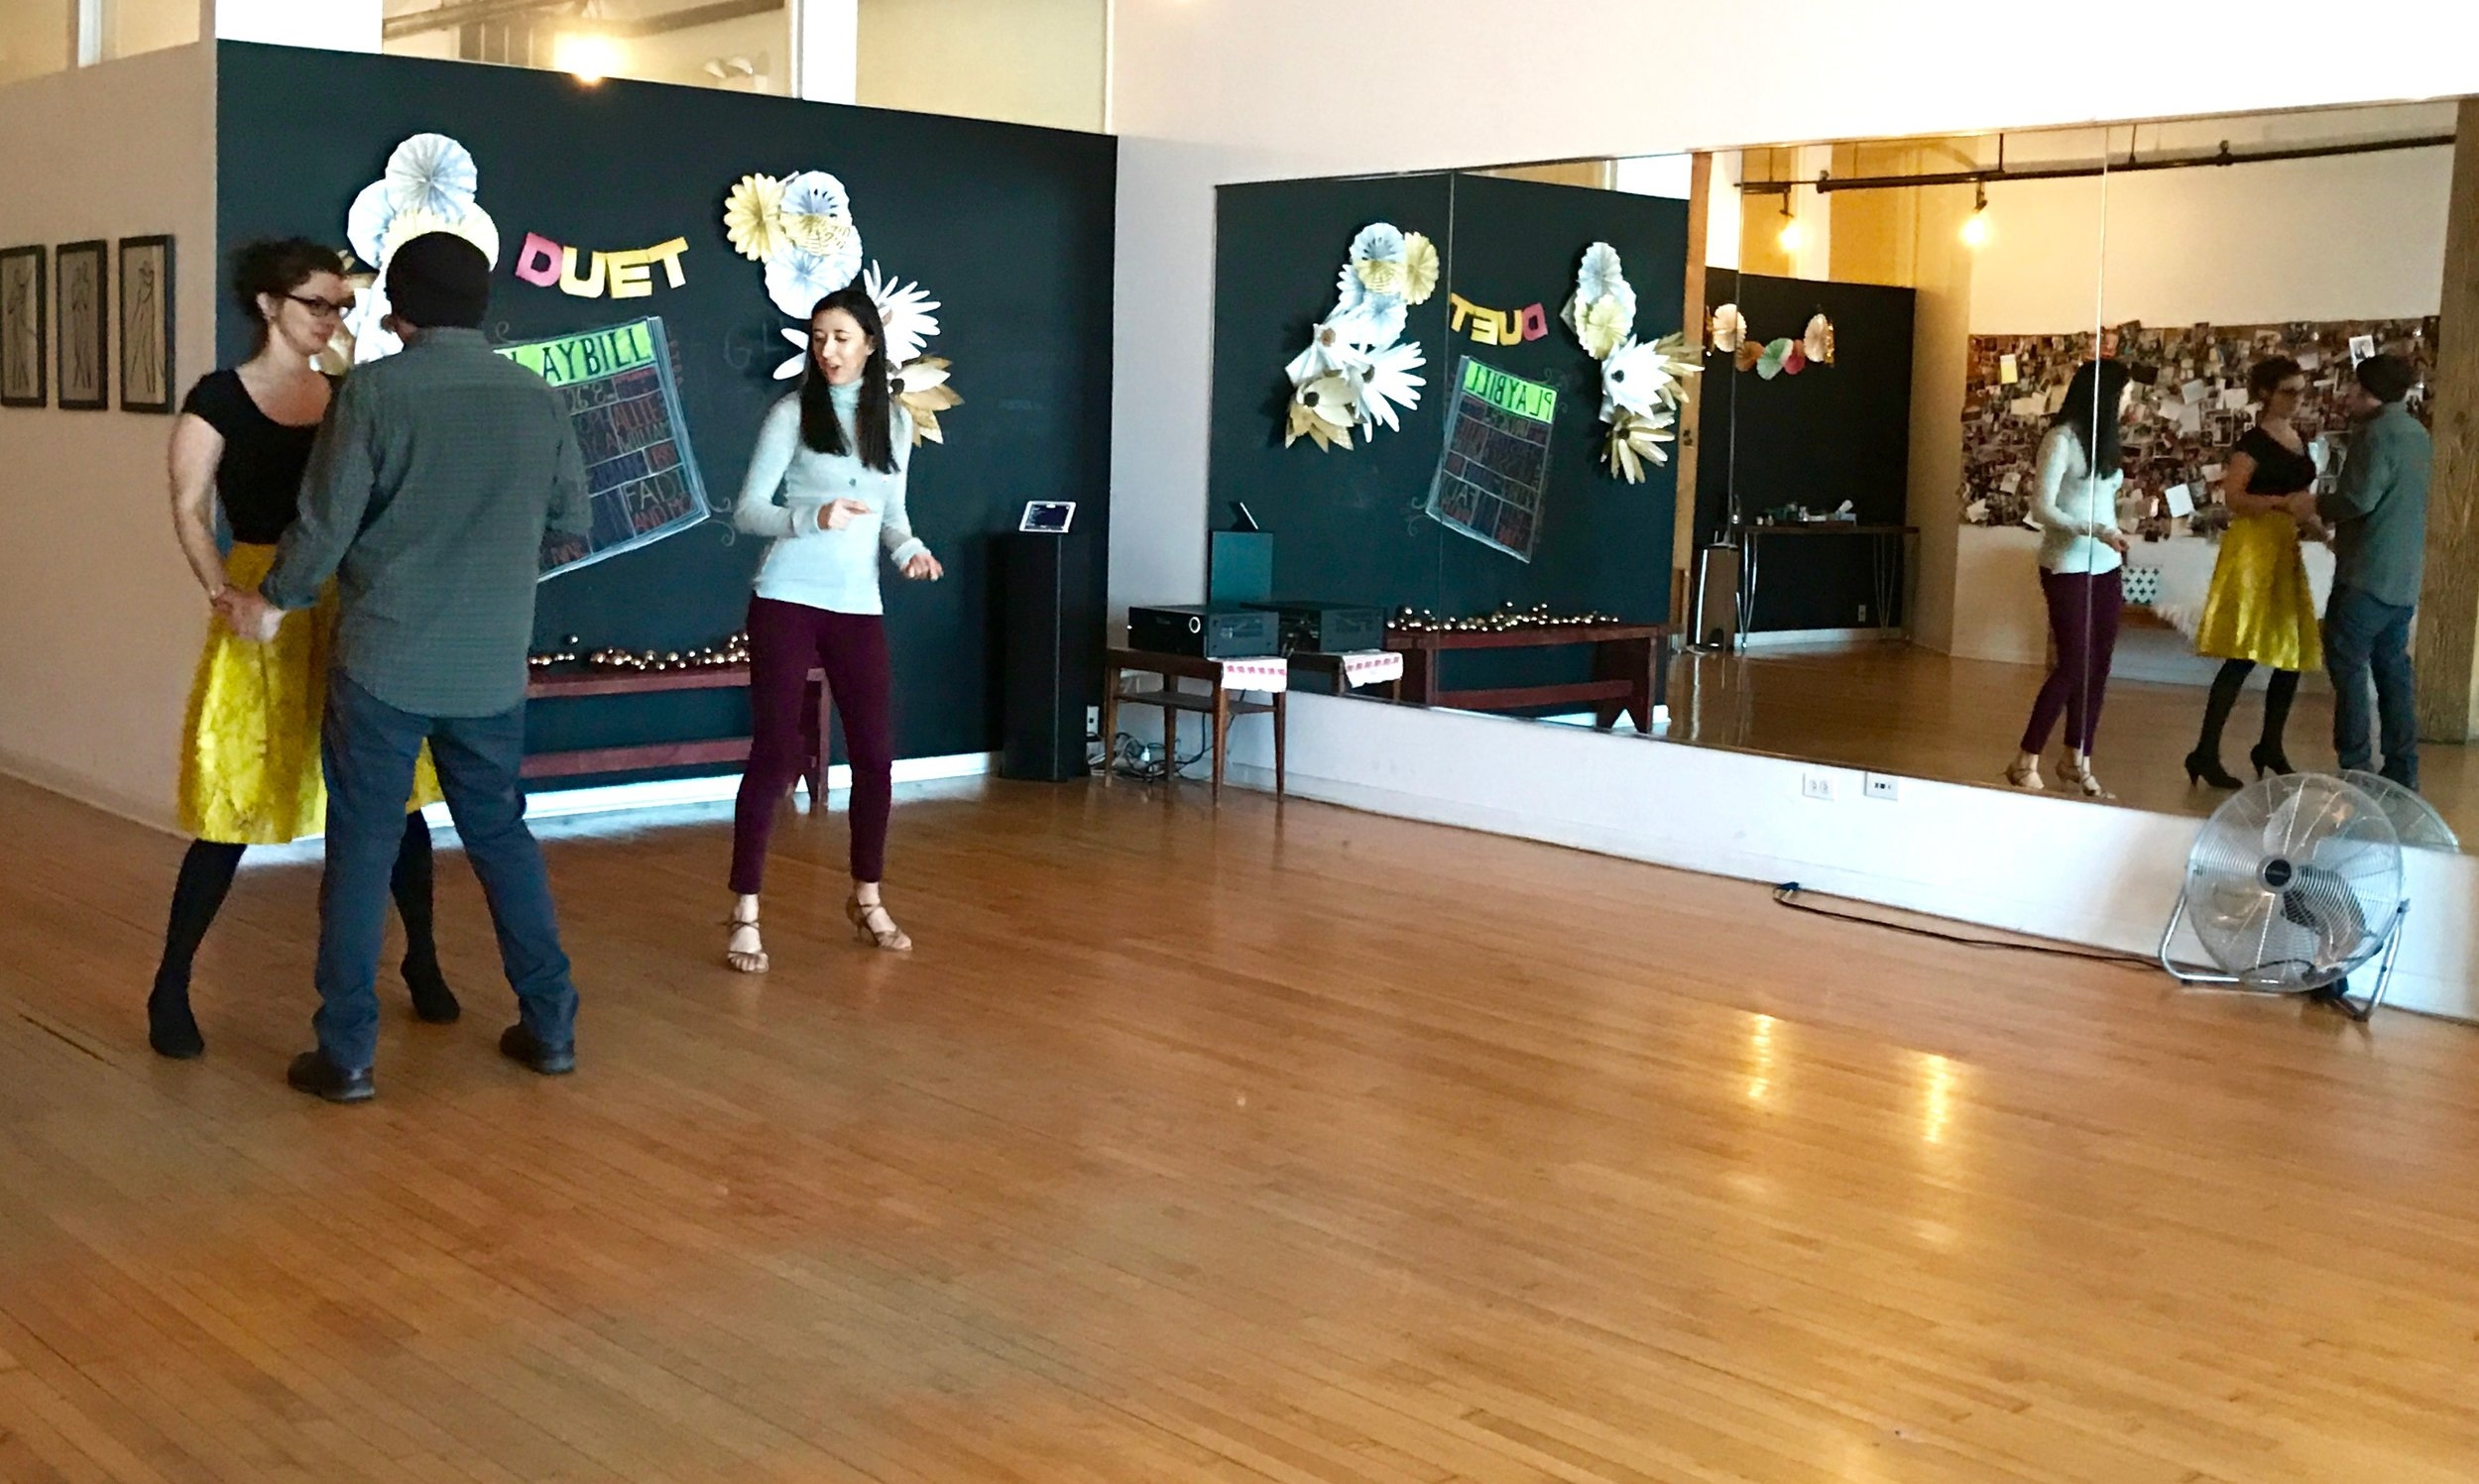 Duet Dance studio women-owned business